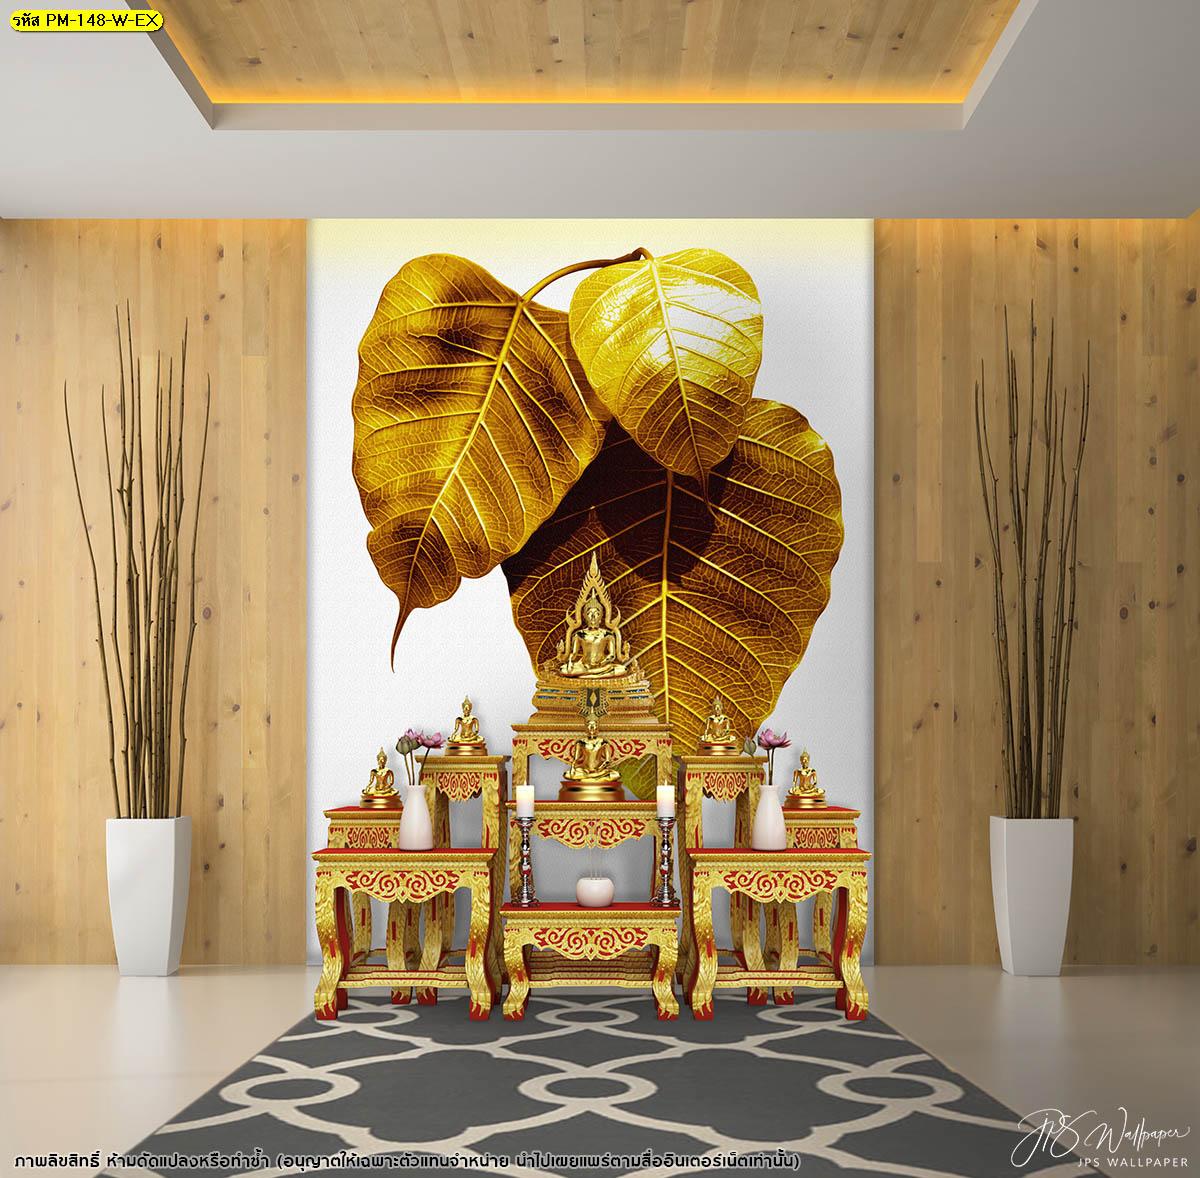 ตัวอย่างห้องพระสีขาว  รับตกแต่งห้องพระ วอลเปเปอร์ลายไทยติดผนัง